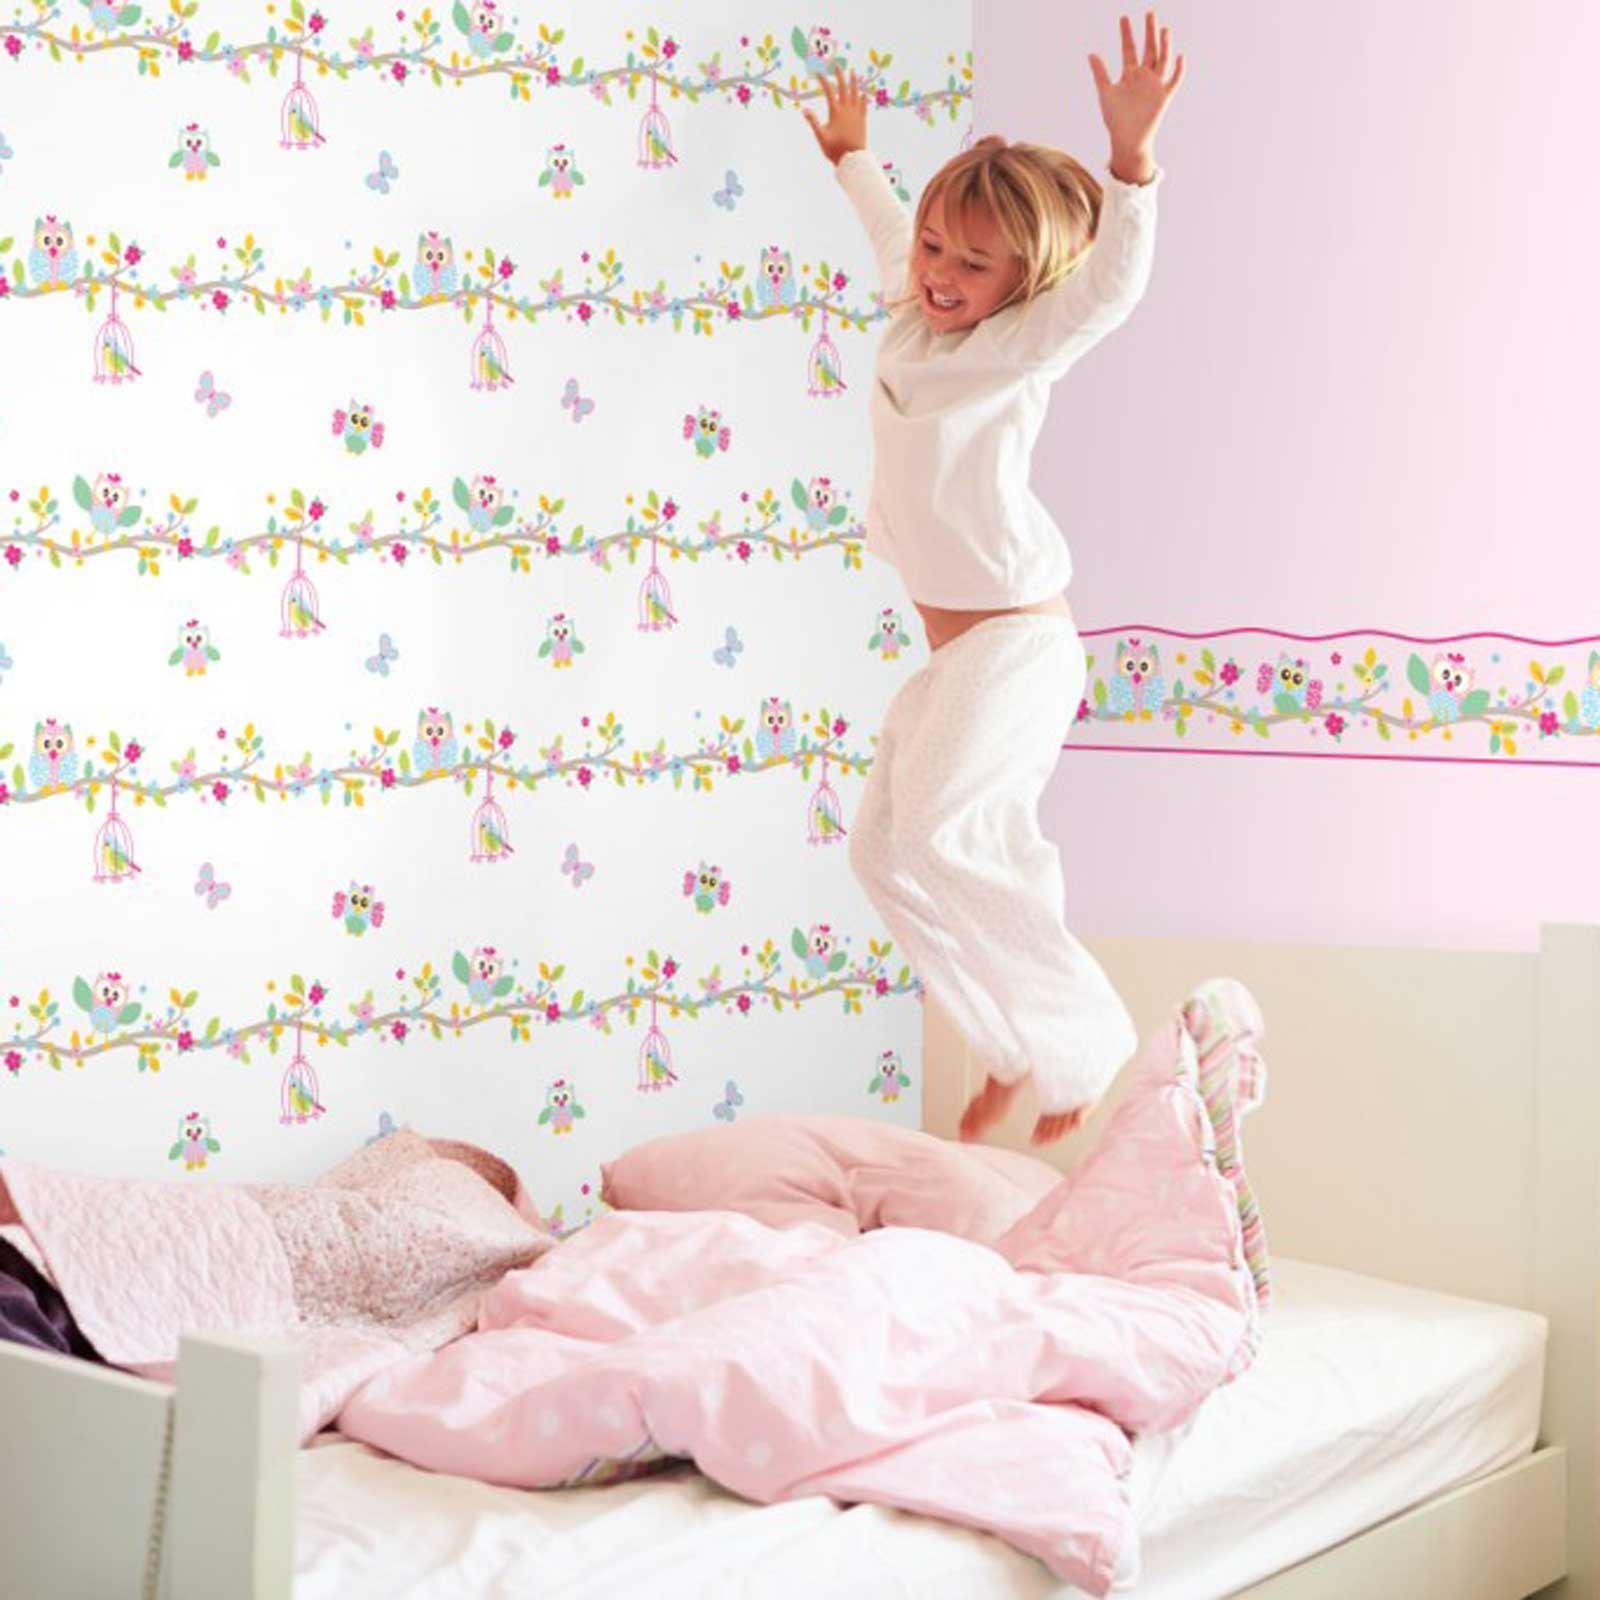 Girls Bedroom Wallpaper Borders Butterfly Fairies Pink Murals For Girl Bedroom 1600x1600 Download Hd Wallpaper Wallpapertip